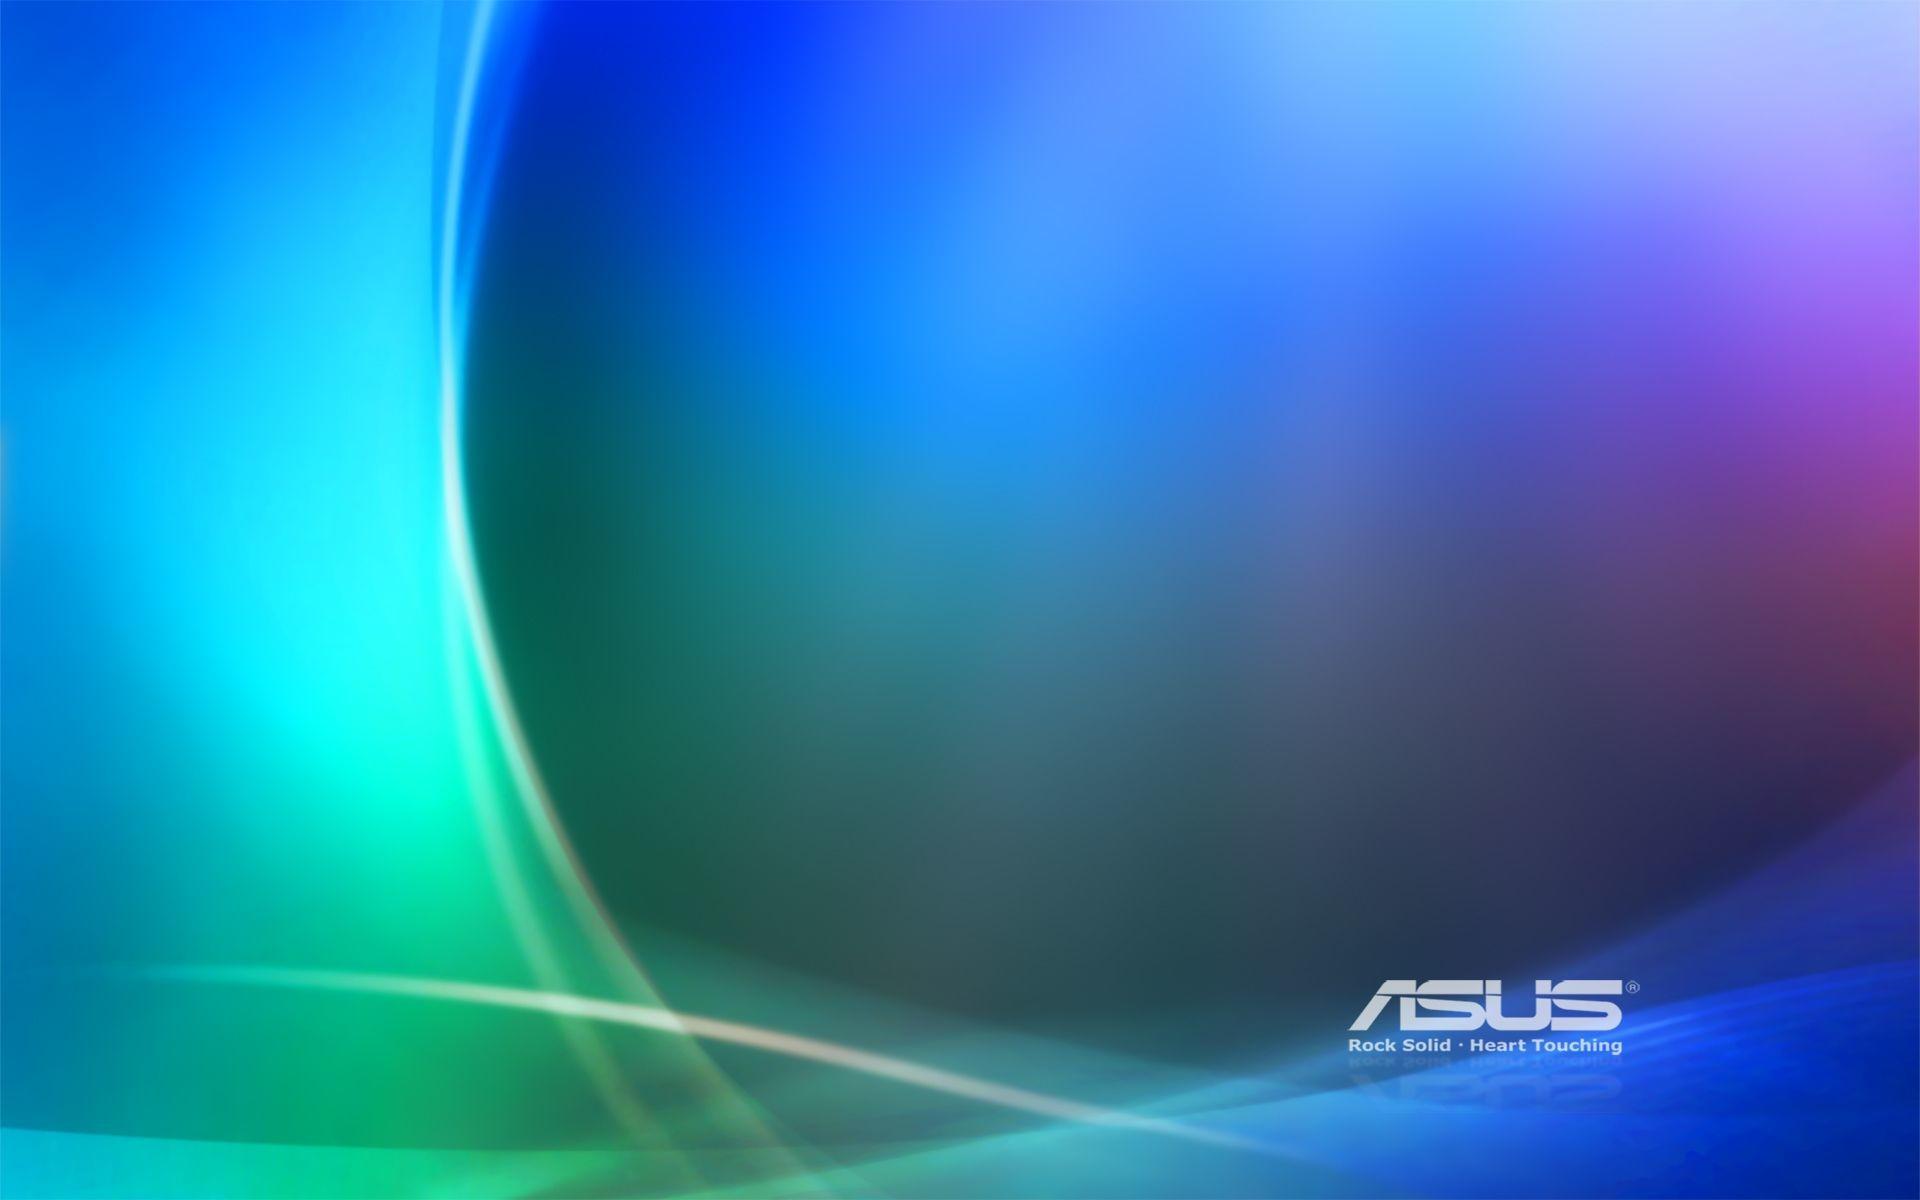 Asus Mobile Wallpaper: Asus Wallpaper Full HD (86+ Images